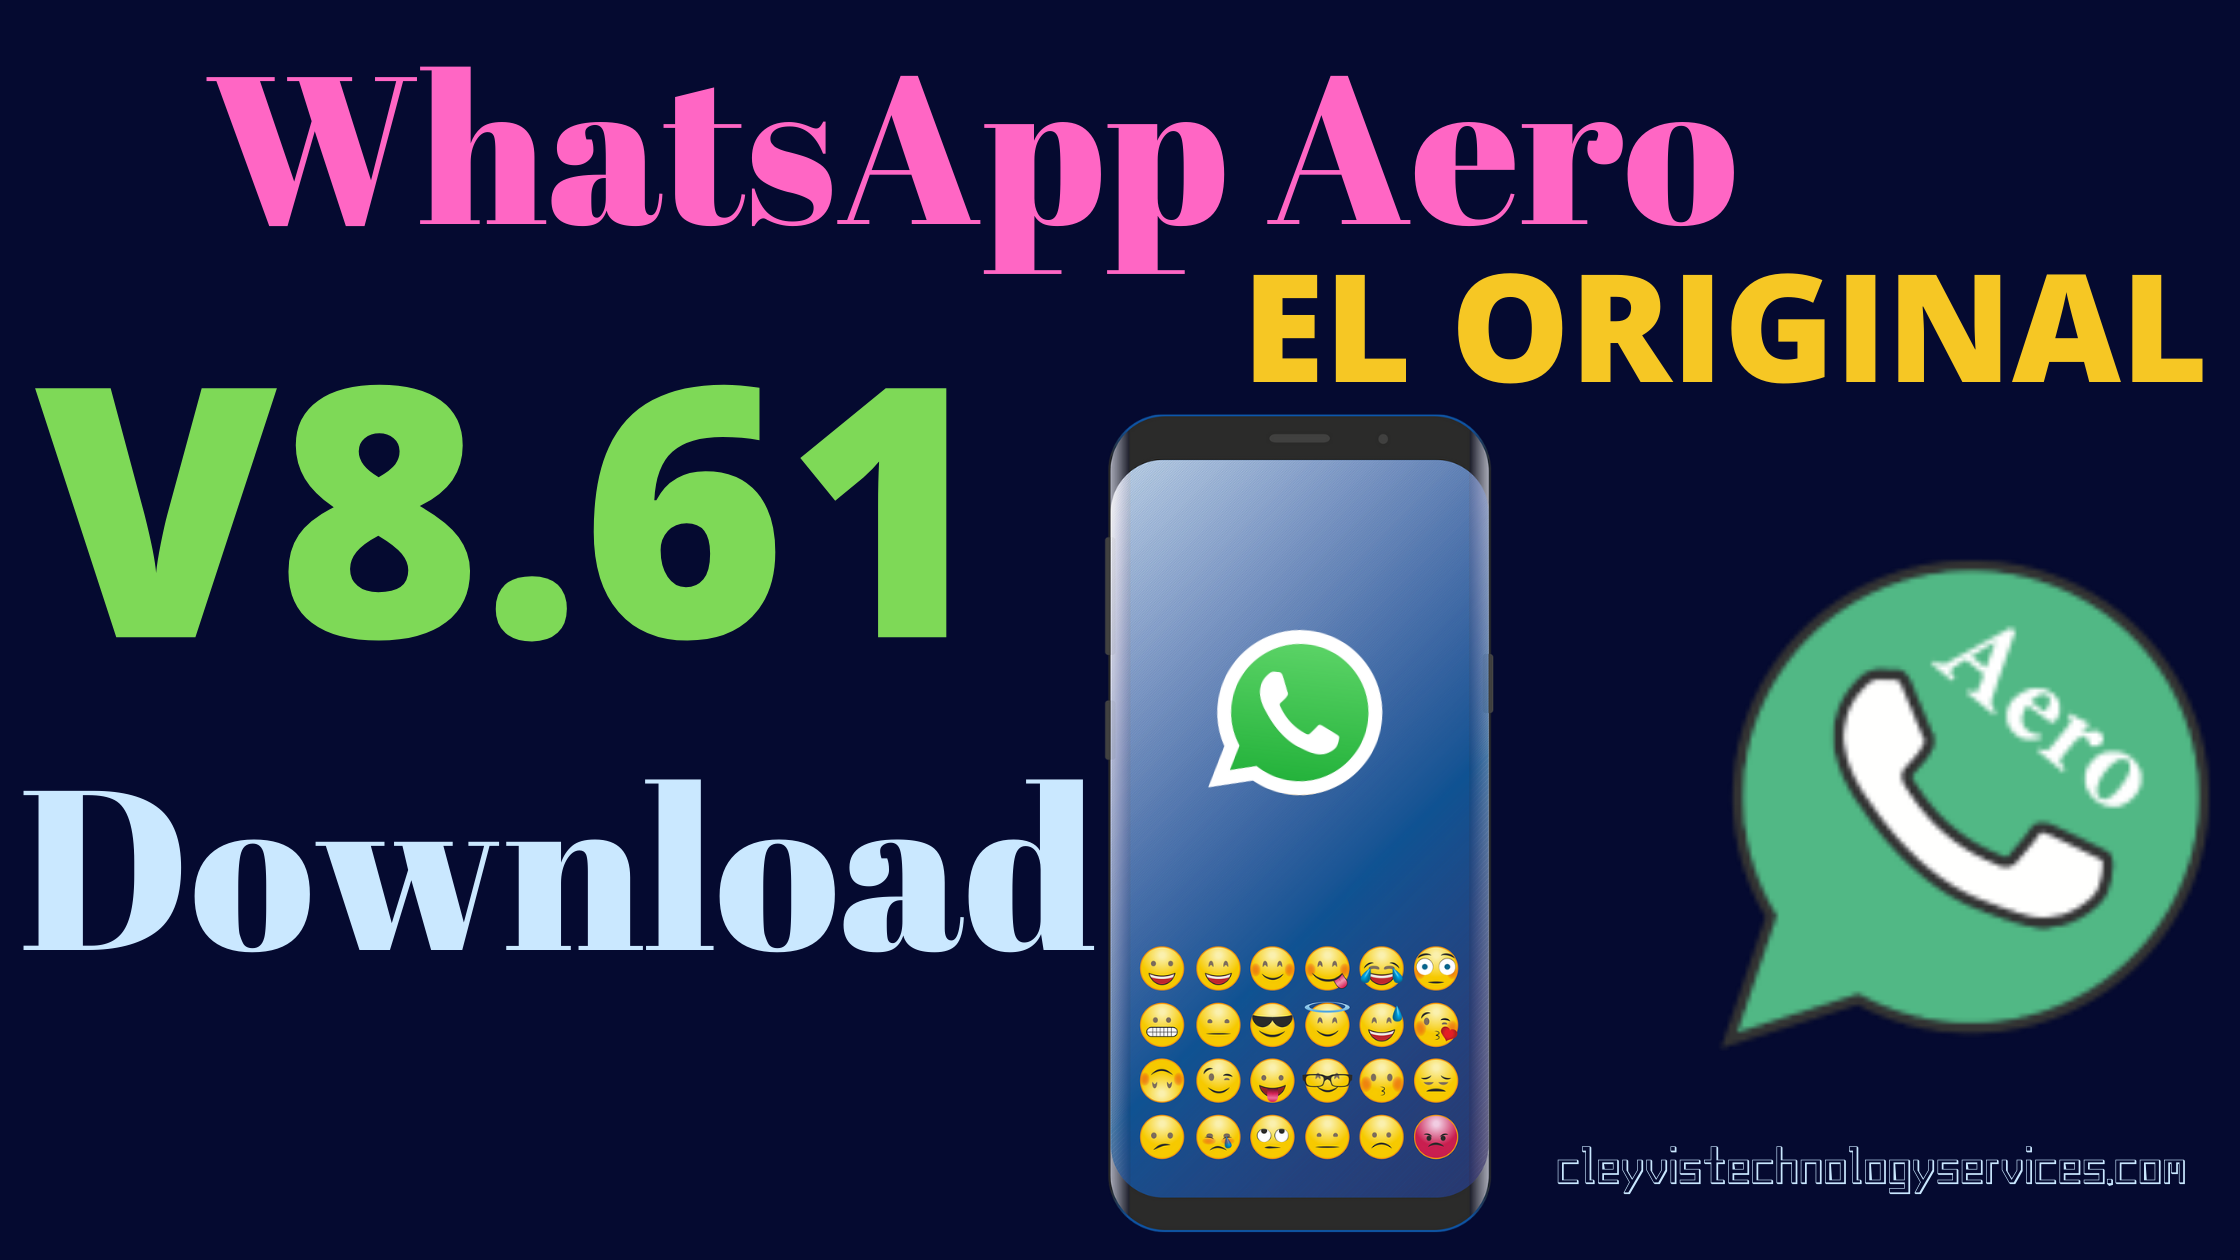 whatsapp aero 8.61